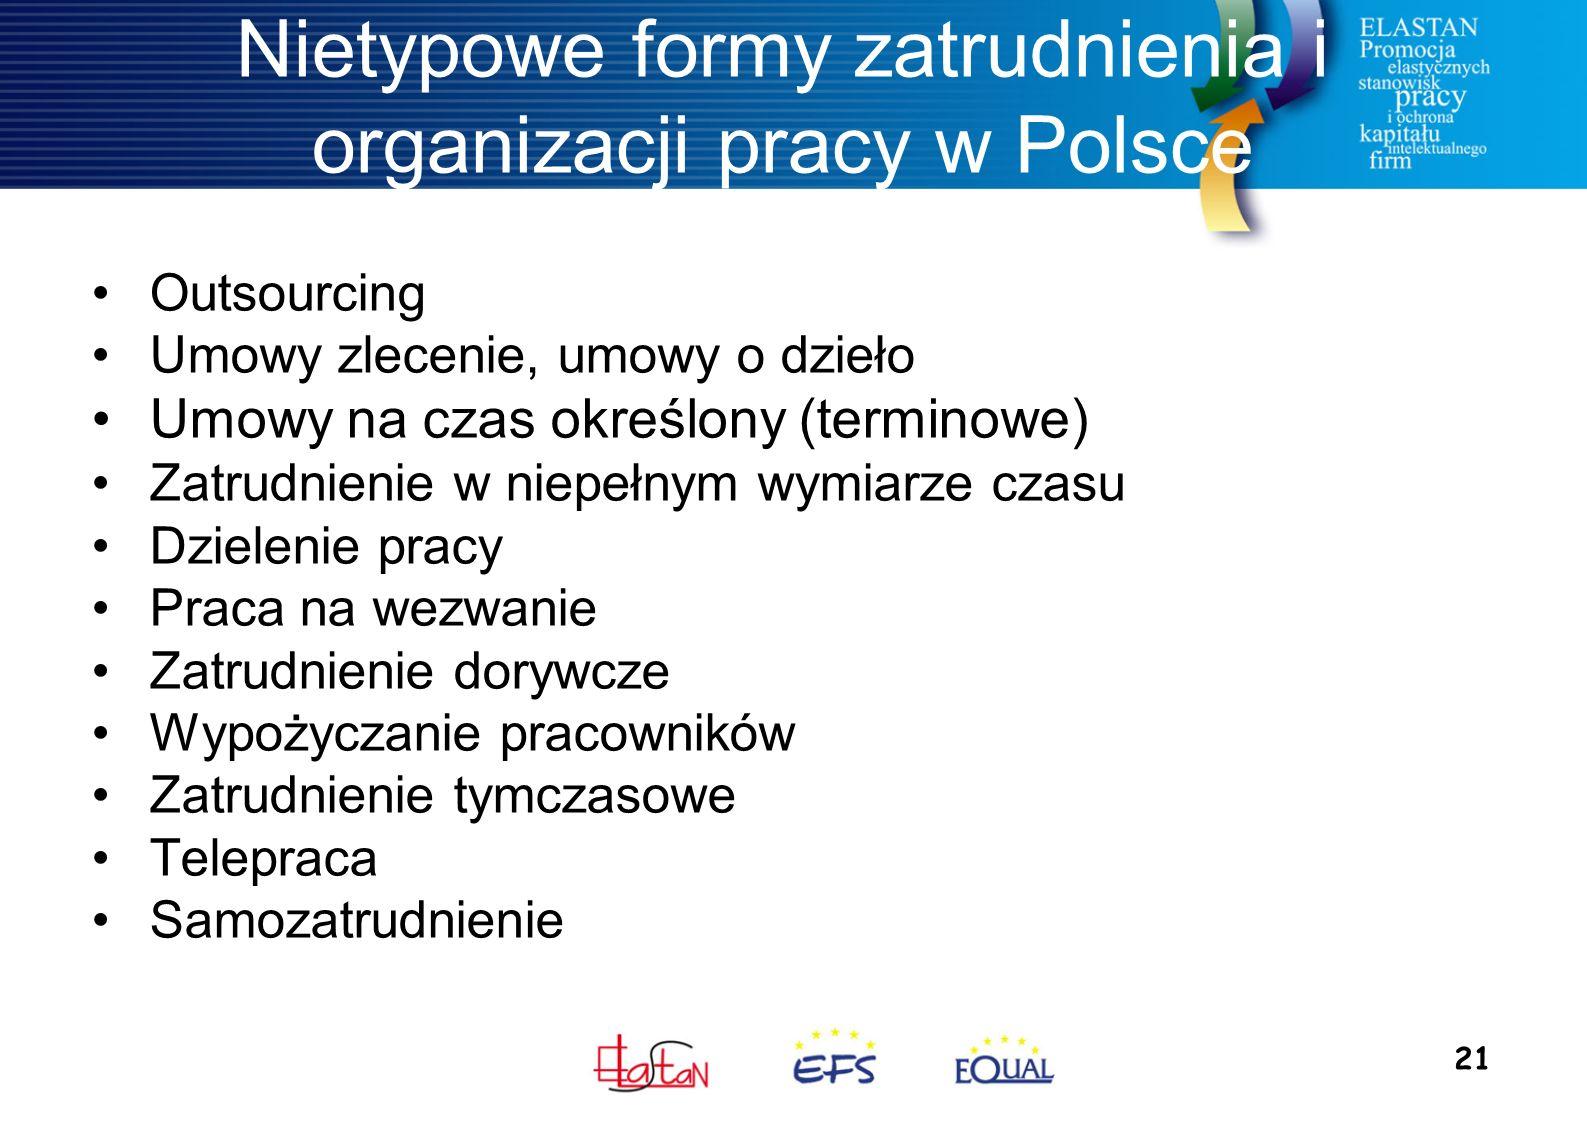 21 Nietypowe formy zatrudnienia i organizacji pracy w Polsce Outsourcing Umowy zlecenie, umowy o dzieło Umowy na czas określony (terminowe) Zatrudnienie w niepełnym wymiarze czasu Dzielenie pracy Praca na wezwanie Zatrudnienie dorywcze Wypożyczanie pracowników Zatrudnienie tymczasowe Telepraca Samozatrudnienie